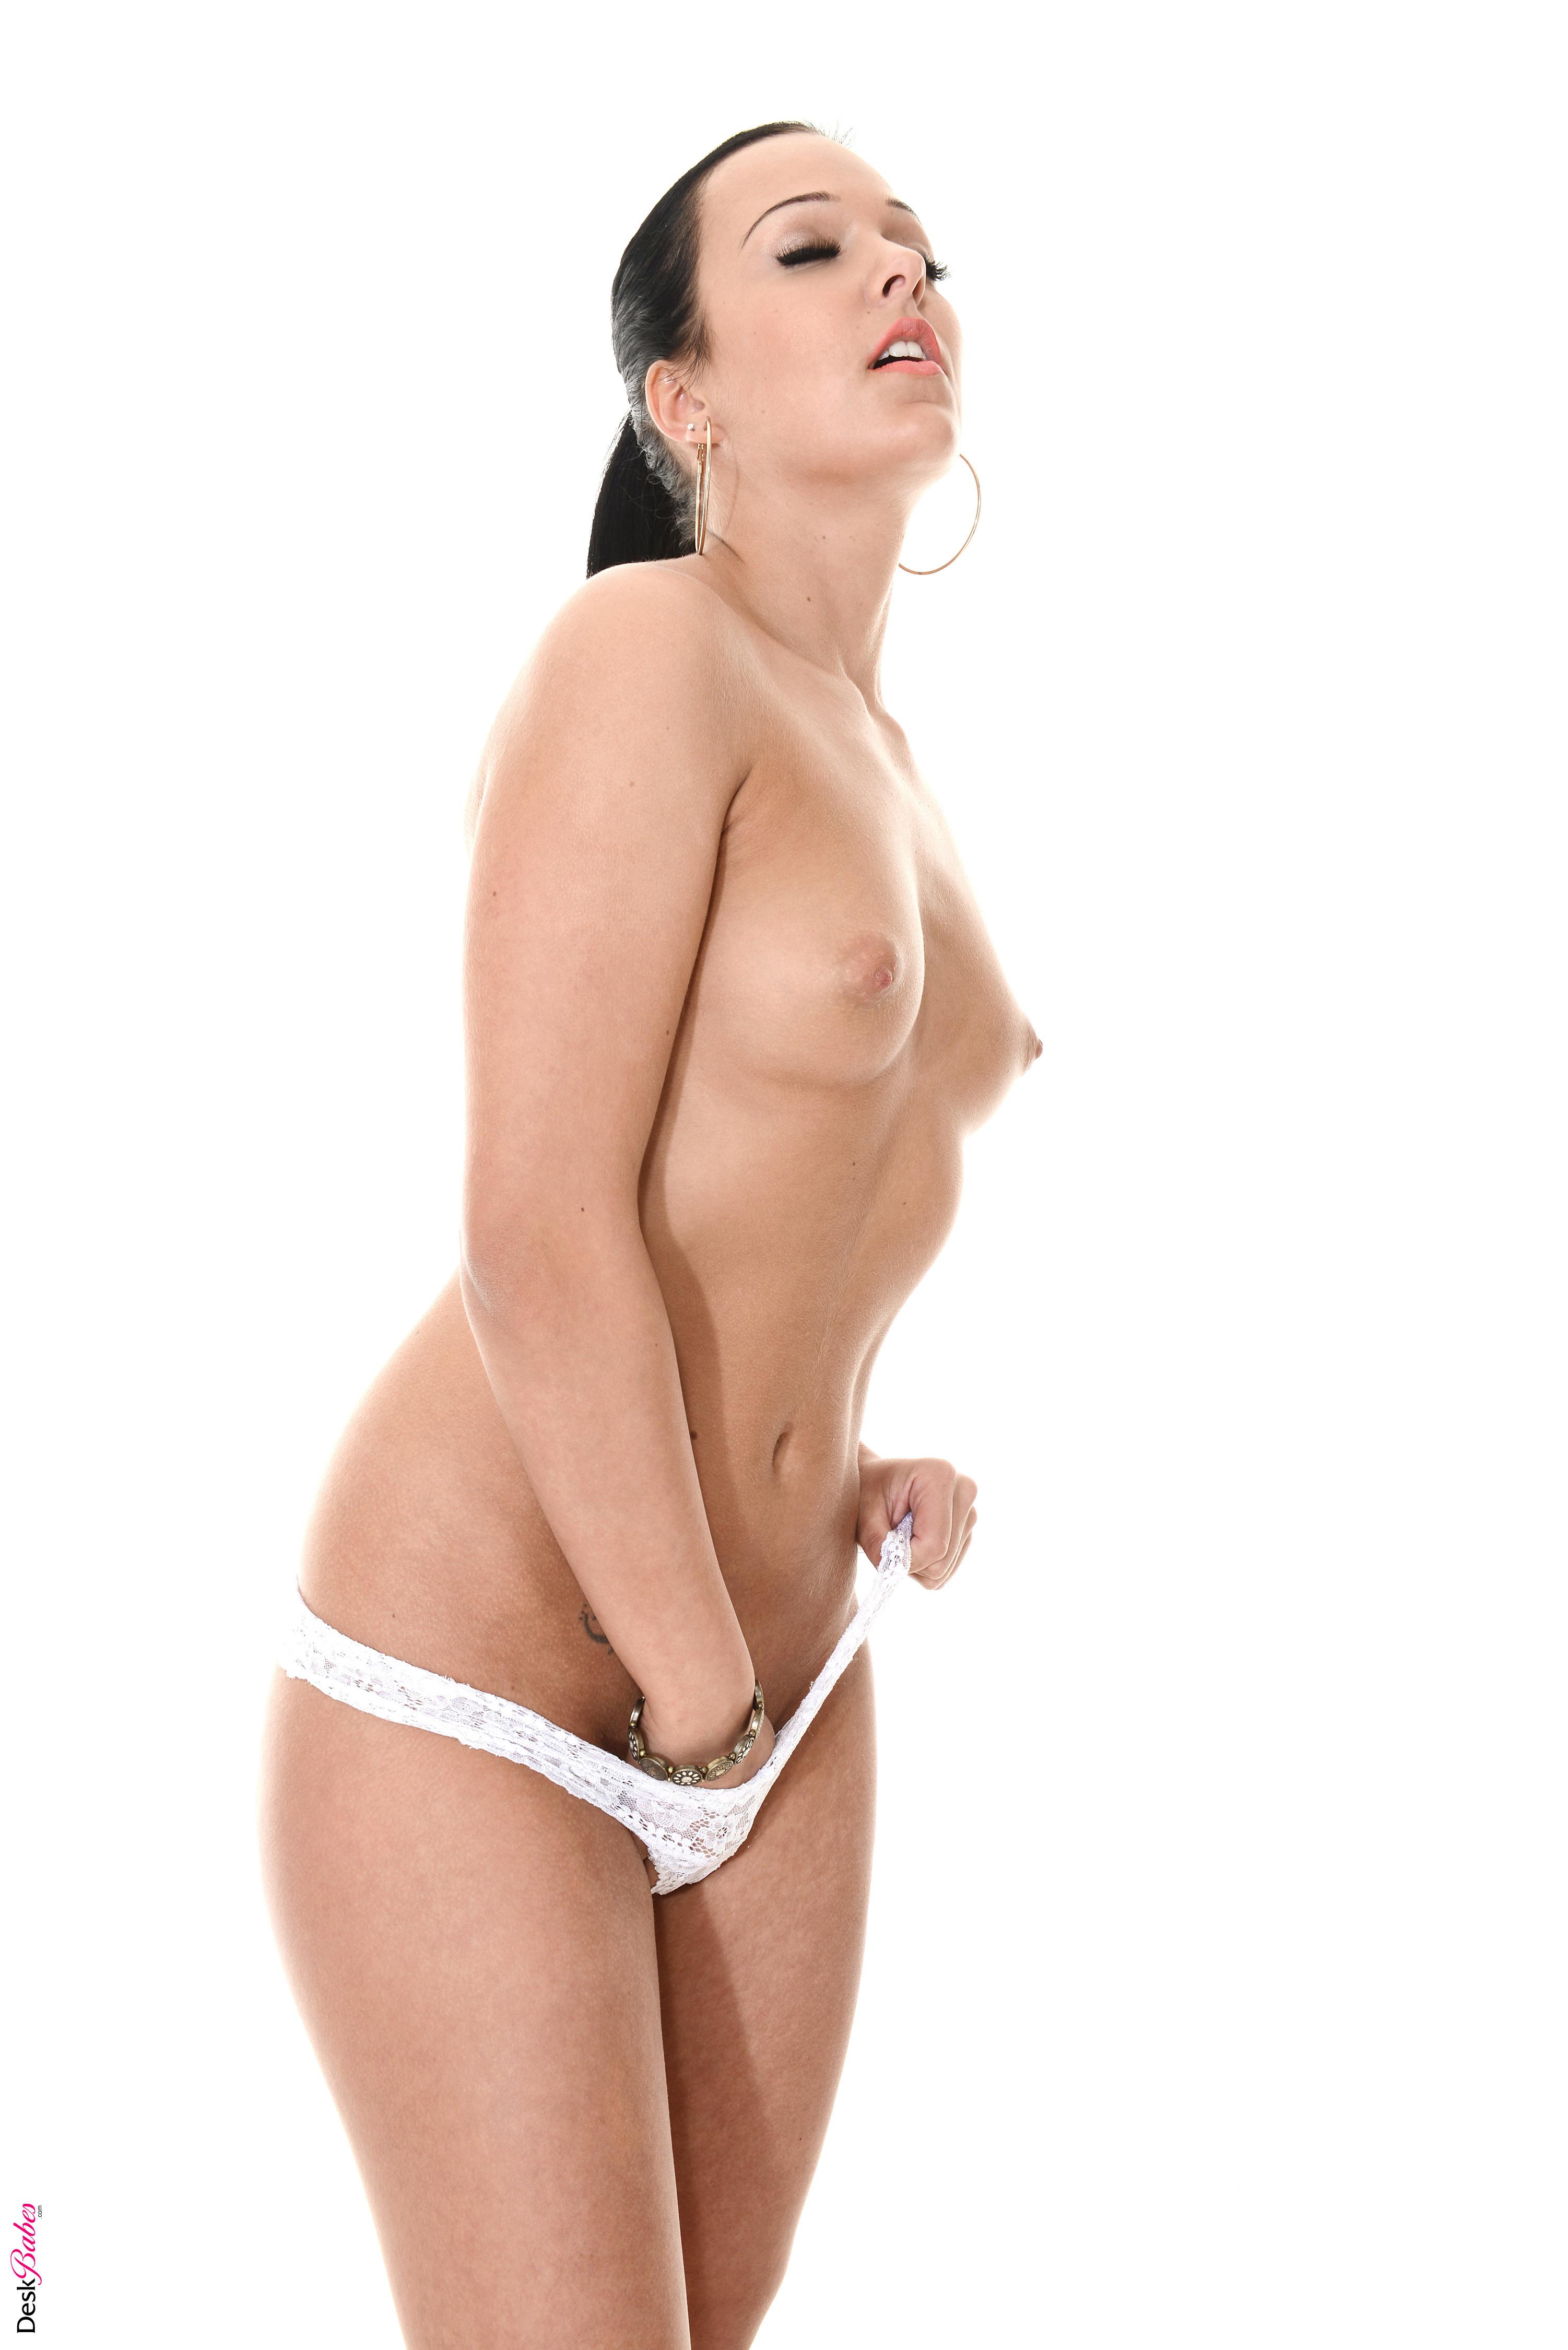 hd nude wallpaper